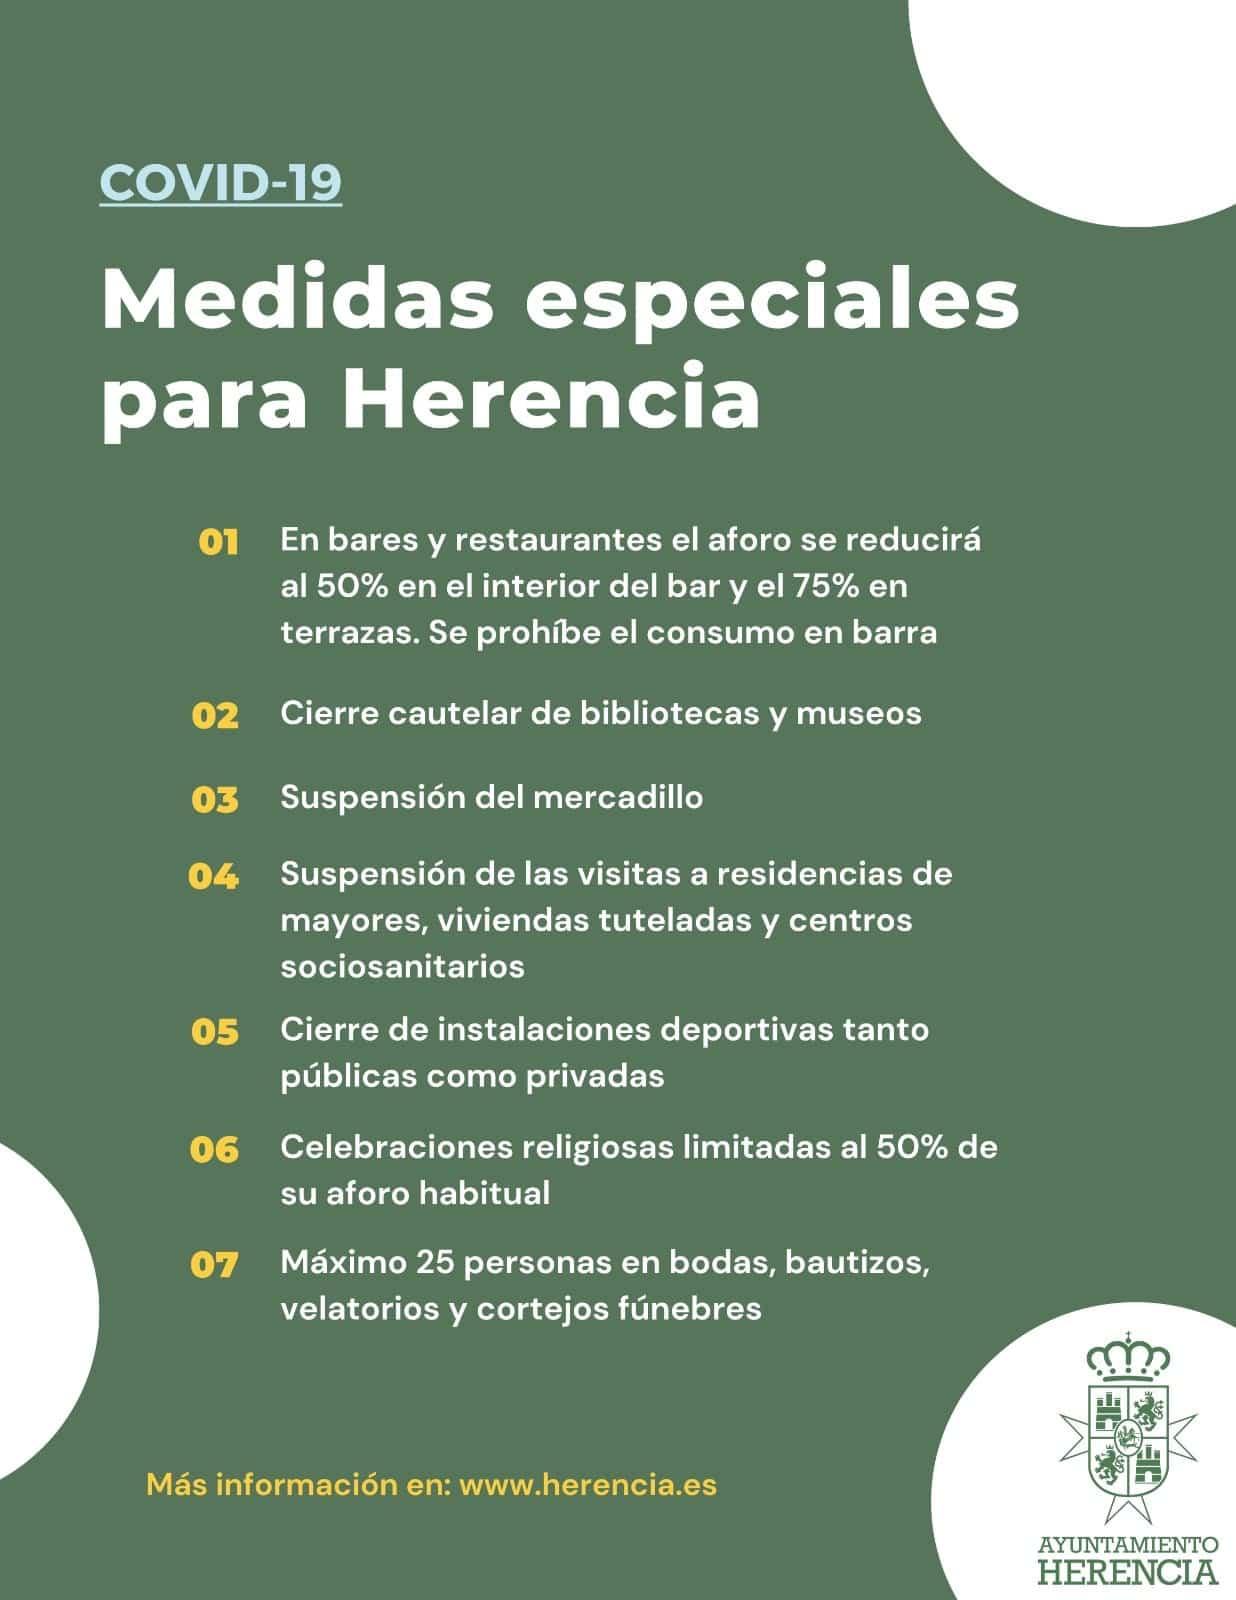 resumen medidas anticovid 19 herencia - Resumen de las medidas especiales contra el Covid-19 en Herencia